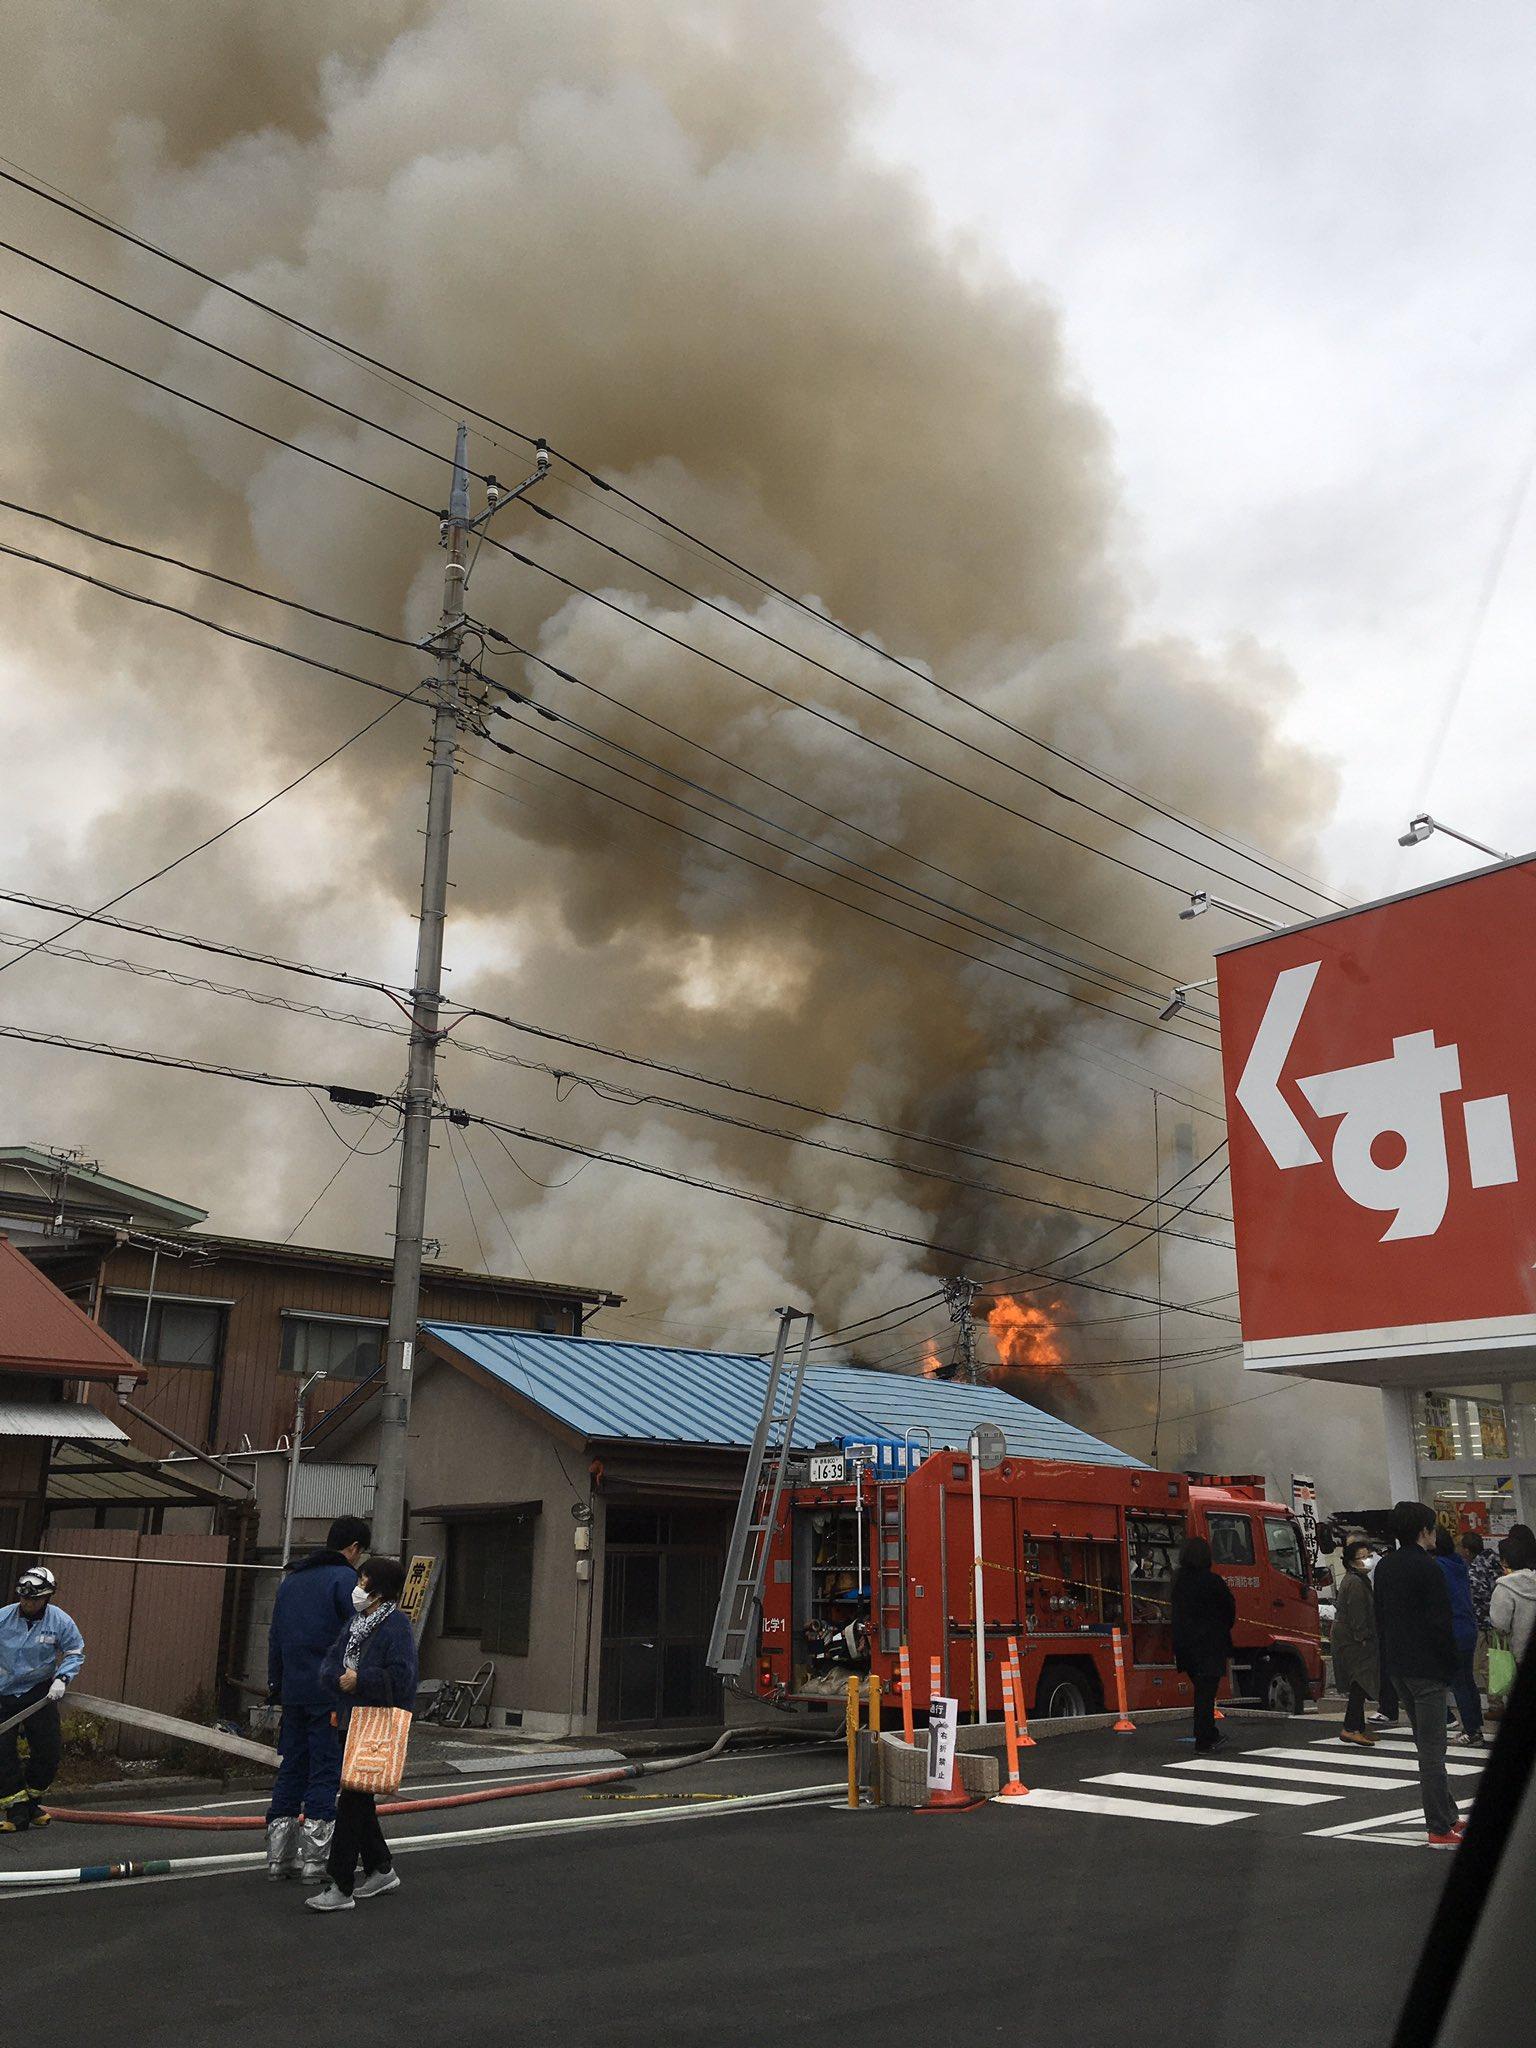 桐生市三吉町の銭湯の爆発火災で煙が充満している画像